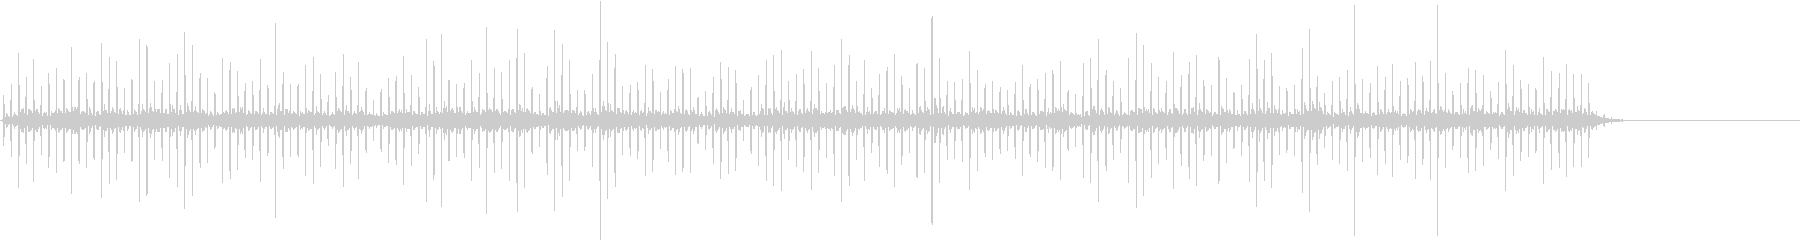 洞窟の中で響く飛び石のモーター音の未再生の波形